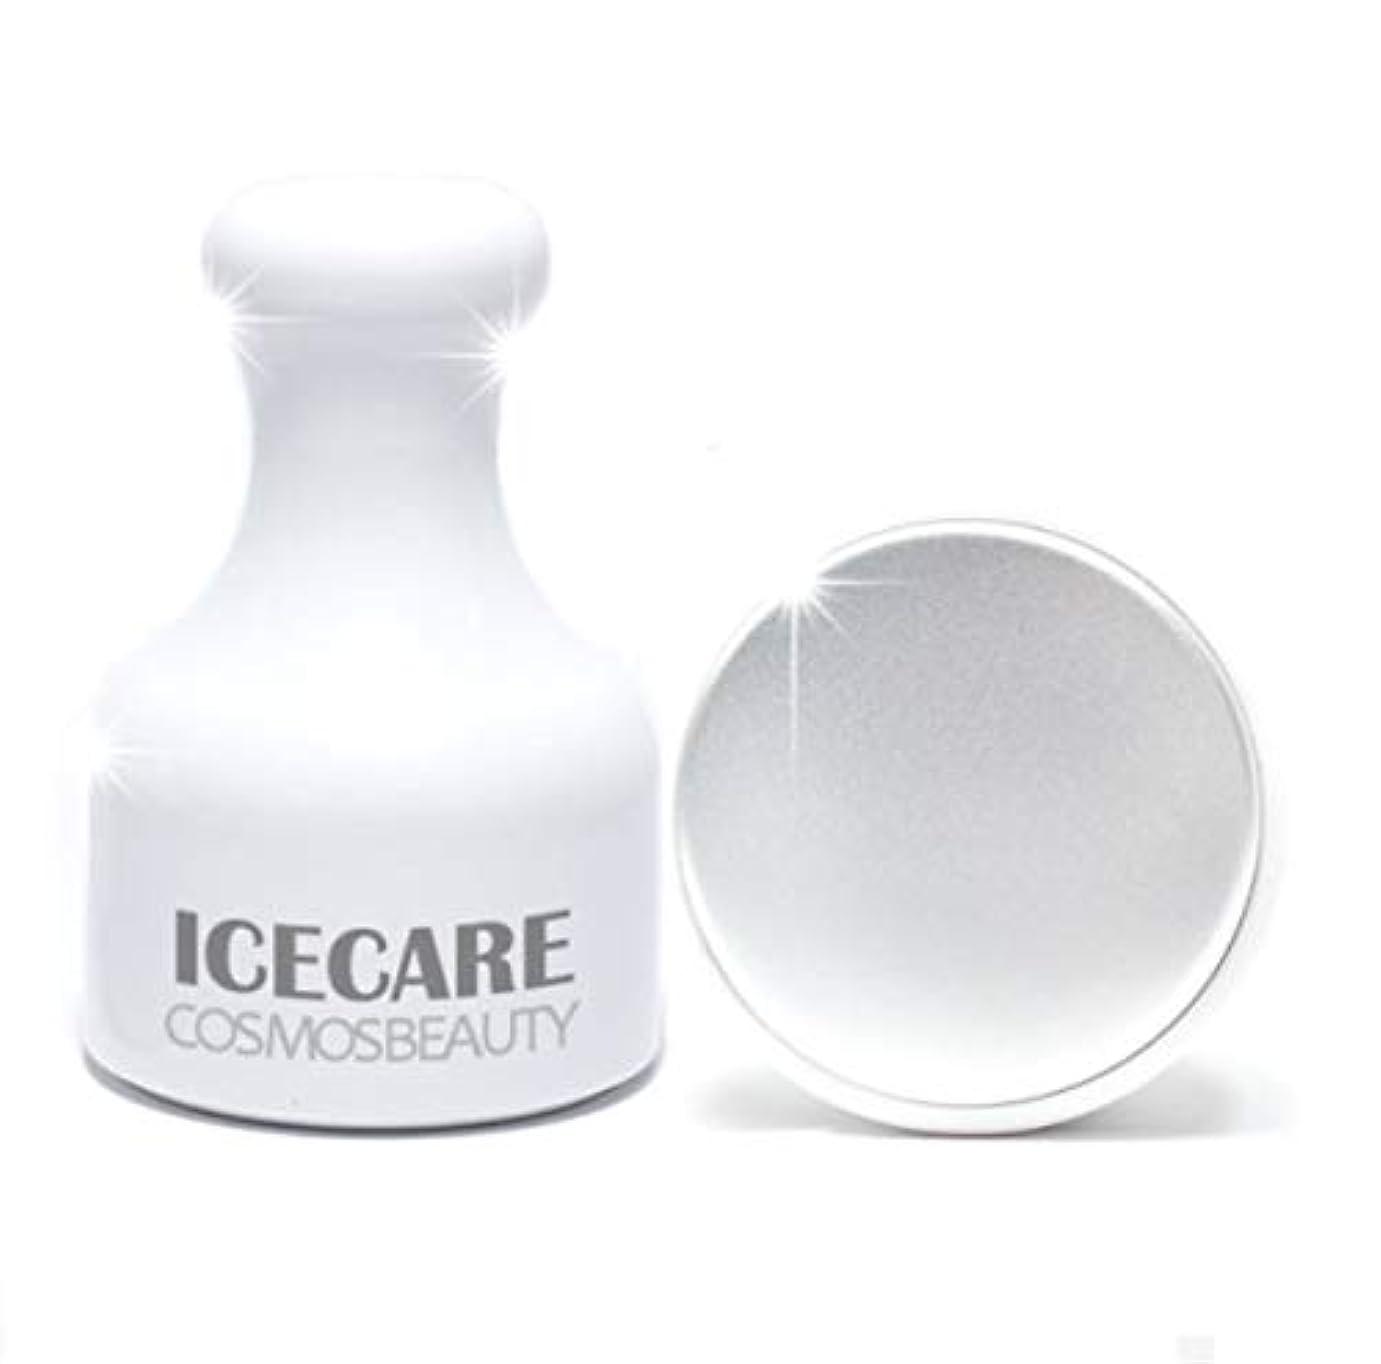 社会染料挽くCosmosbeauty Ice Care 毛穴ケア、冷マッサージ,フェイスクーラーアイスローラーフェイスローラー顔マッサージ機構の腫れ抜き方法毛穴縮小(海外直送品)